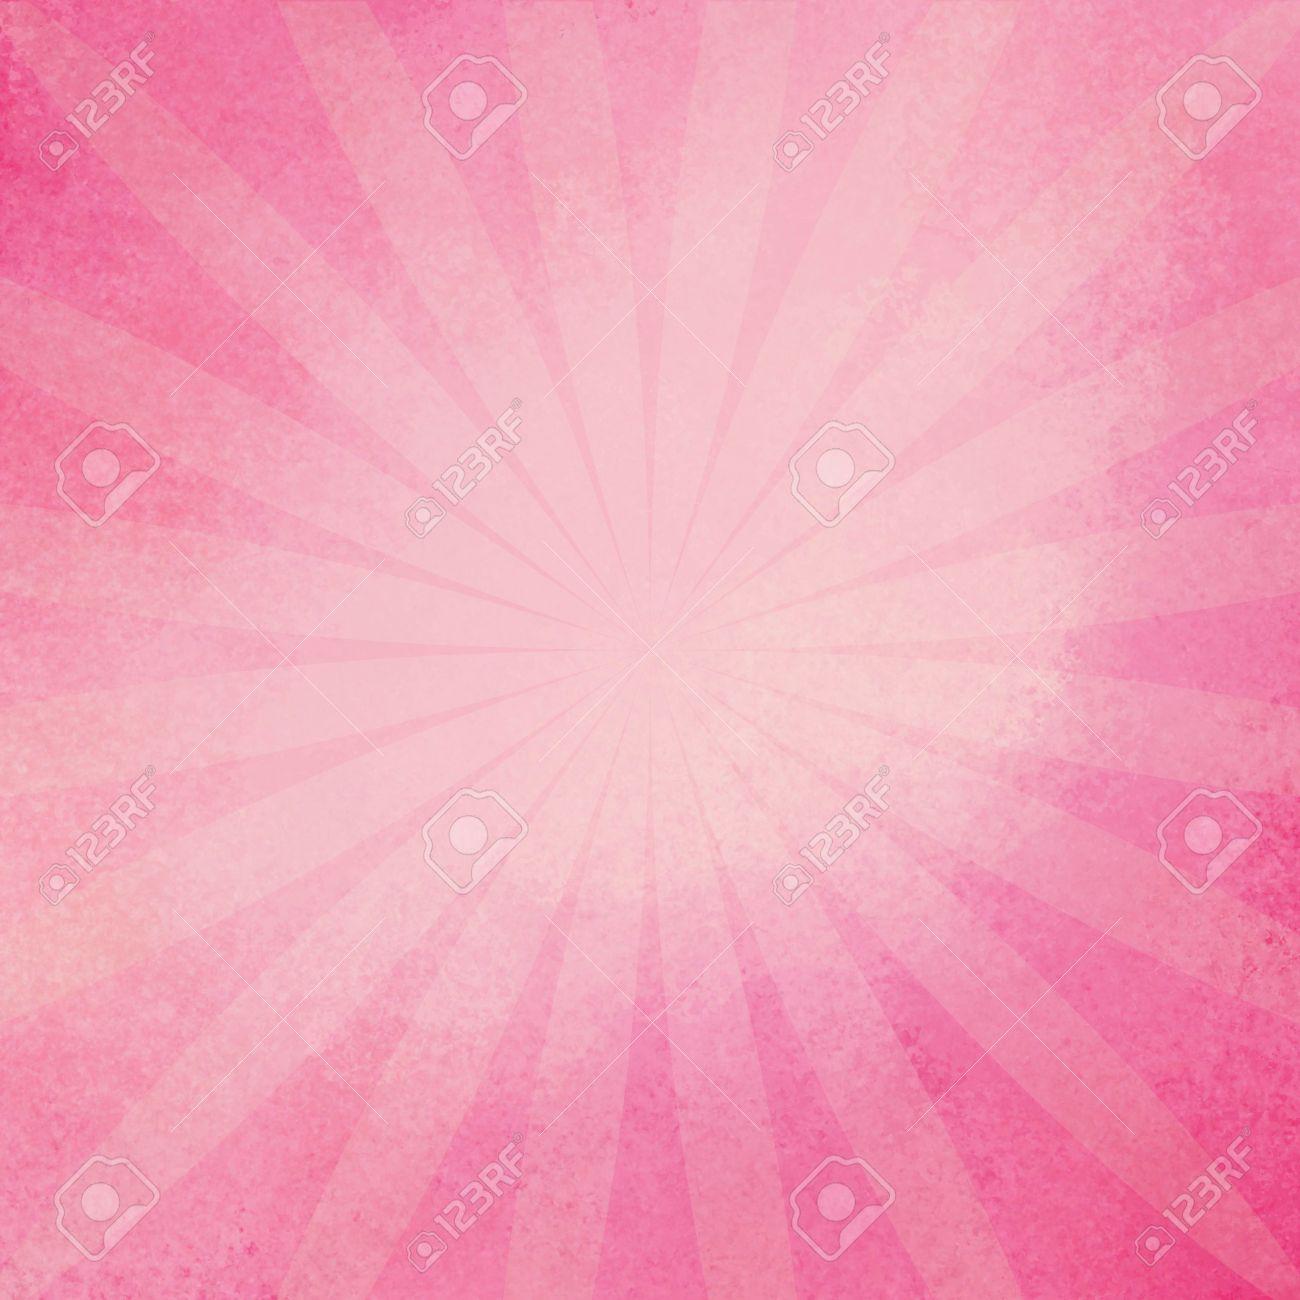 Retrò Sfondo Rosa Raggera In Morbido Colore Rosa Baby Design